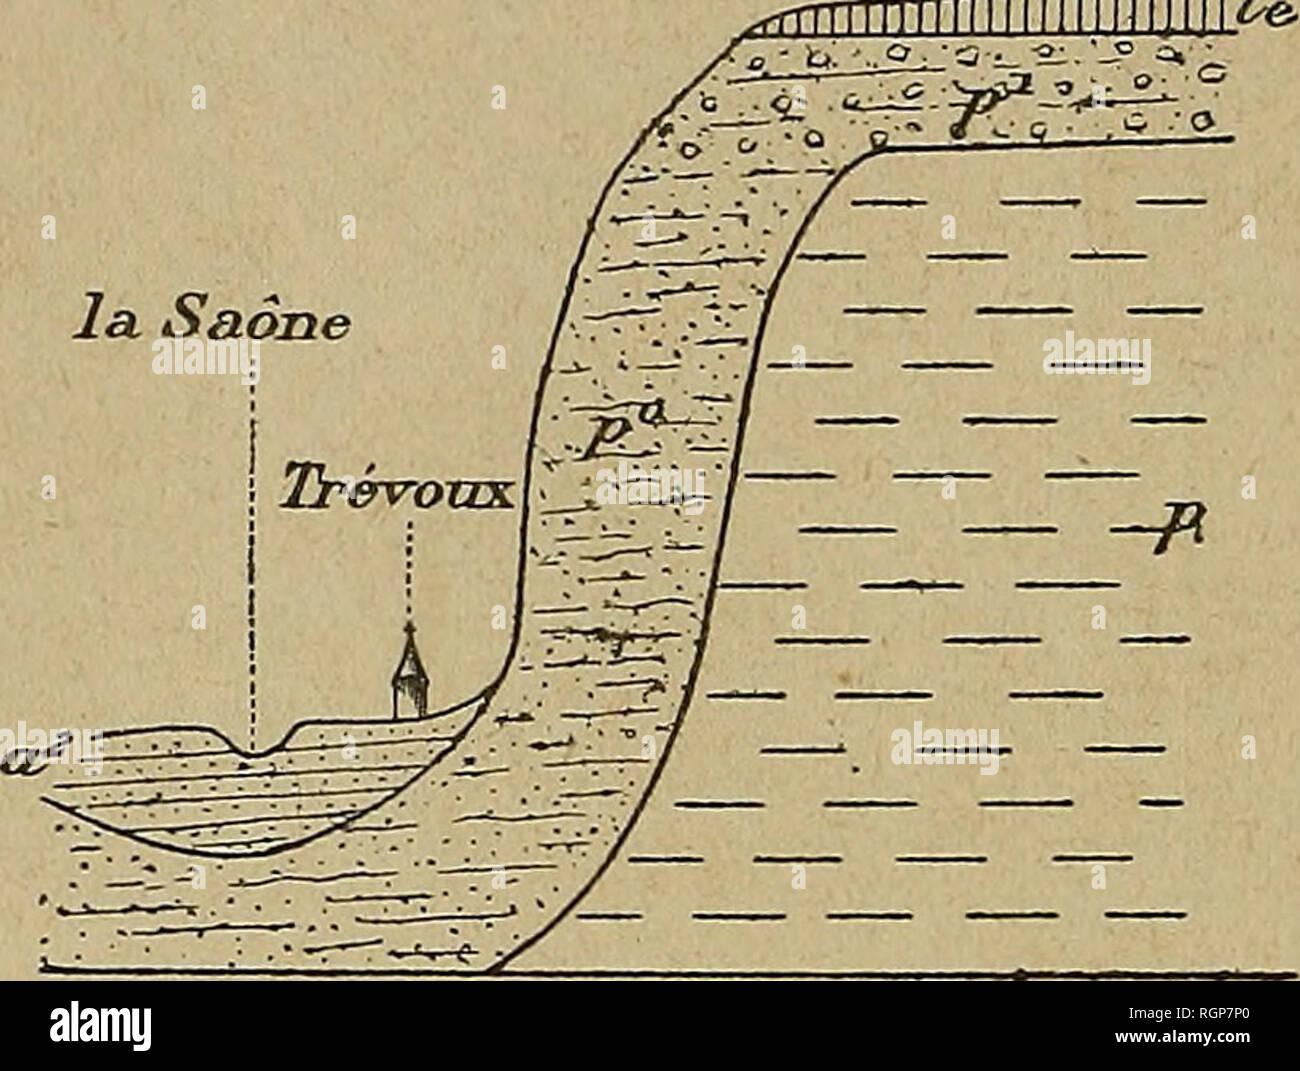 . Bulletin de la Société géologique de France. Geology. 626 DEPERET. EXCURSION DU 22 AOÃT 1894 qui régnait dès l'époque du Pliocène moyen entre les dépôts gros- siers et torrentiels de la vallée du Rhône et les couches sableuses, à éléments relativement plus fins, de la vallée de la Saôoe. Cette opposition se retrouvera à partir de ce moment dans tous les dépôts qui se succèdent dans ces vallées jusqu'à l'époque actuelle. La faune des Sables de Trévoux est intéressante à la fois par ses Mollusques fluviatiles de faciès levantin et par ses nombreux débris de Mammifères. - Stock Image